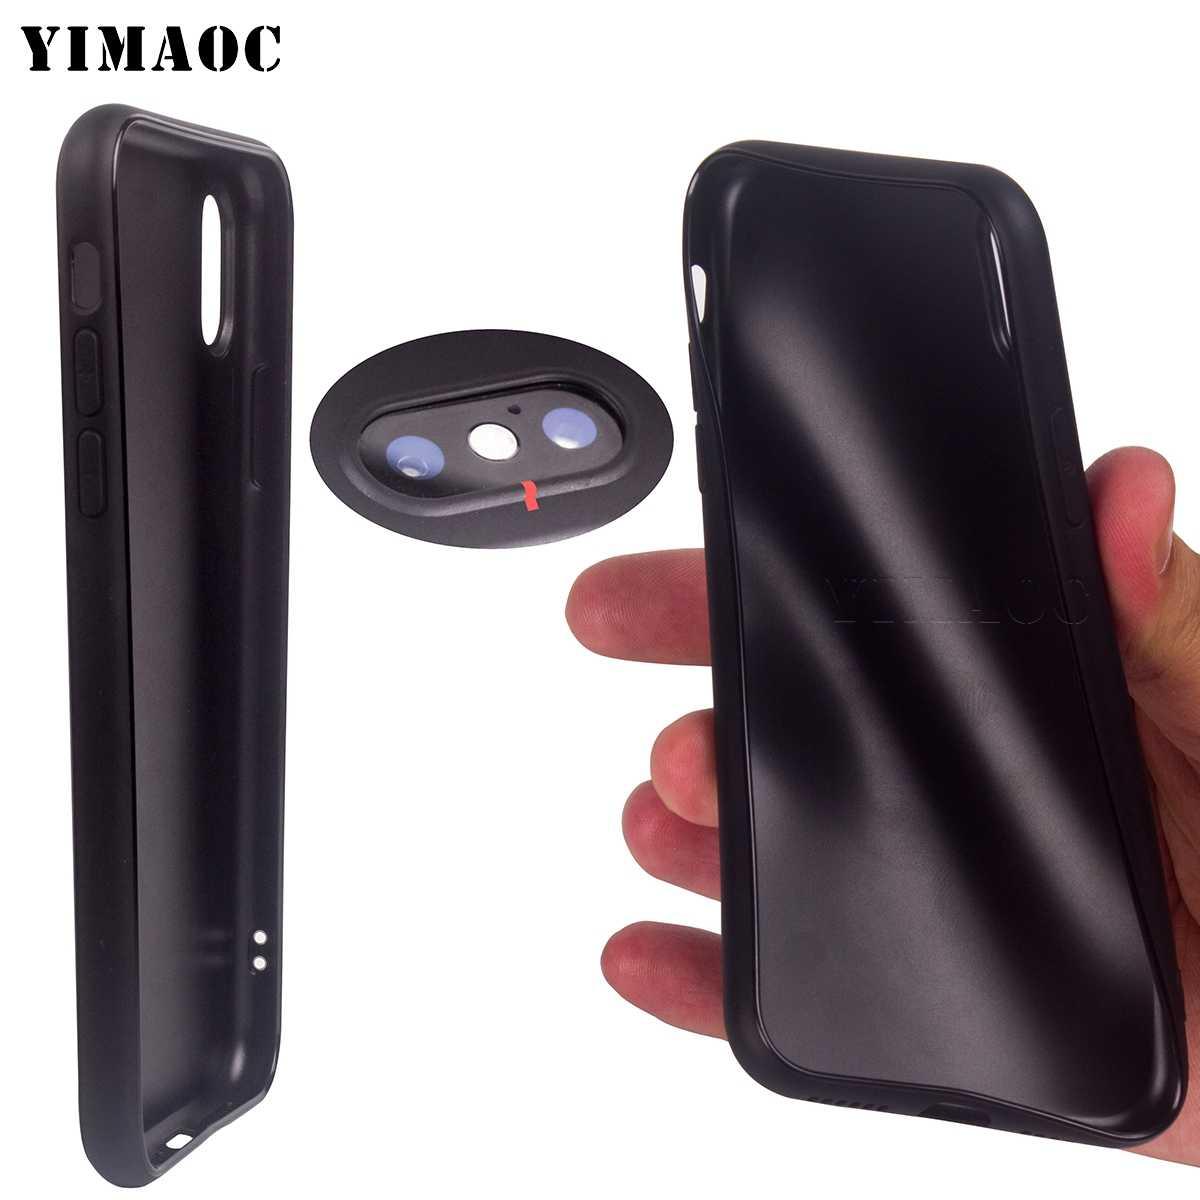 YIMAOC フレンチブルドッグ犬ソフトシリコンケース iphone 11 プロ XS 最大 XR × 8 7 6 6S プラス 5 5s 、 se